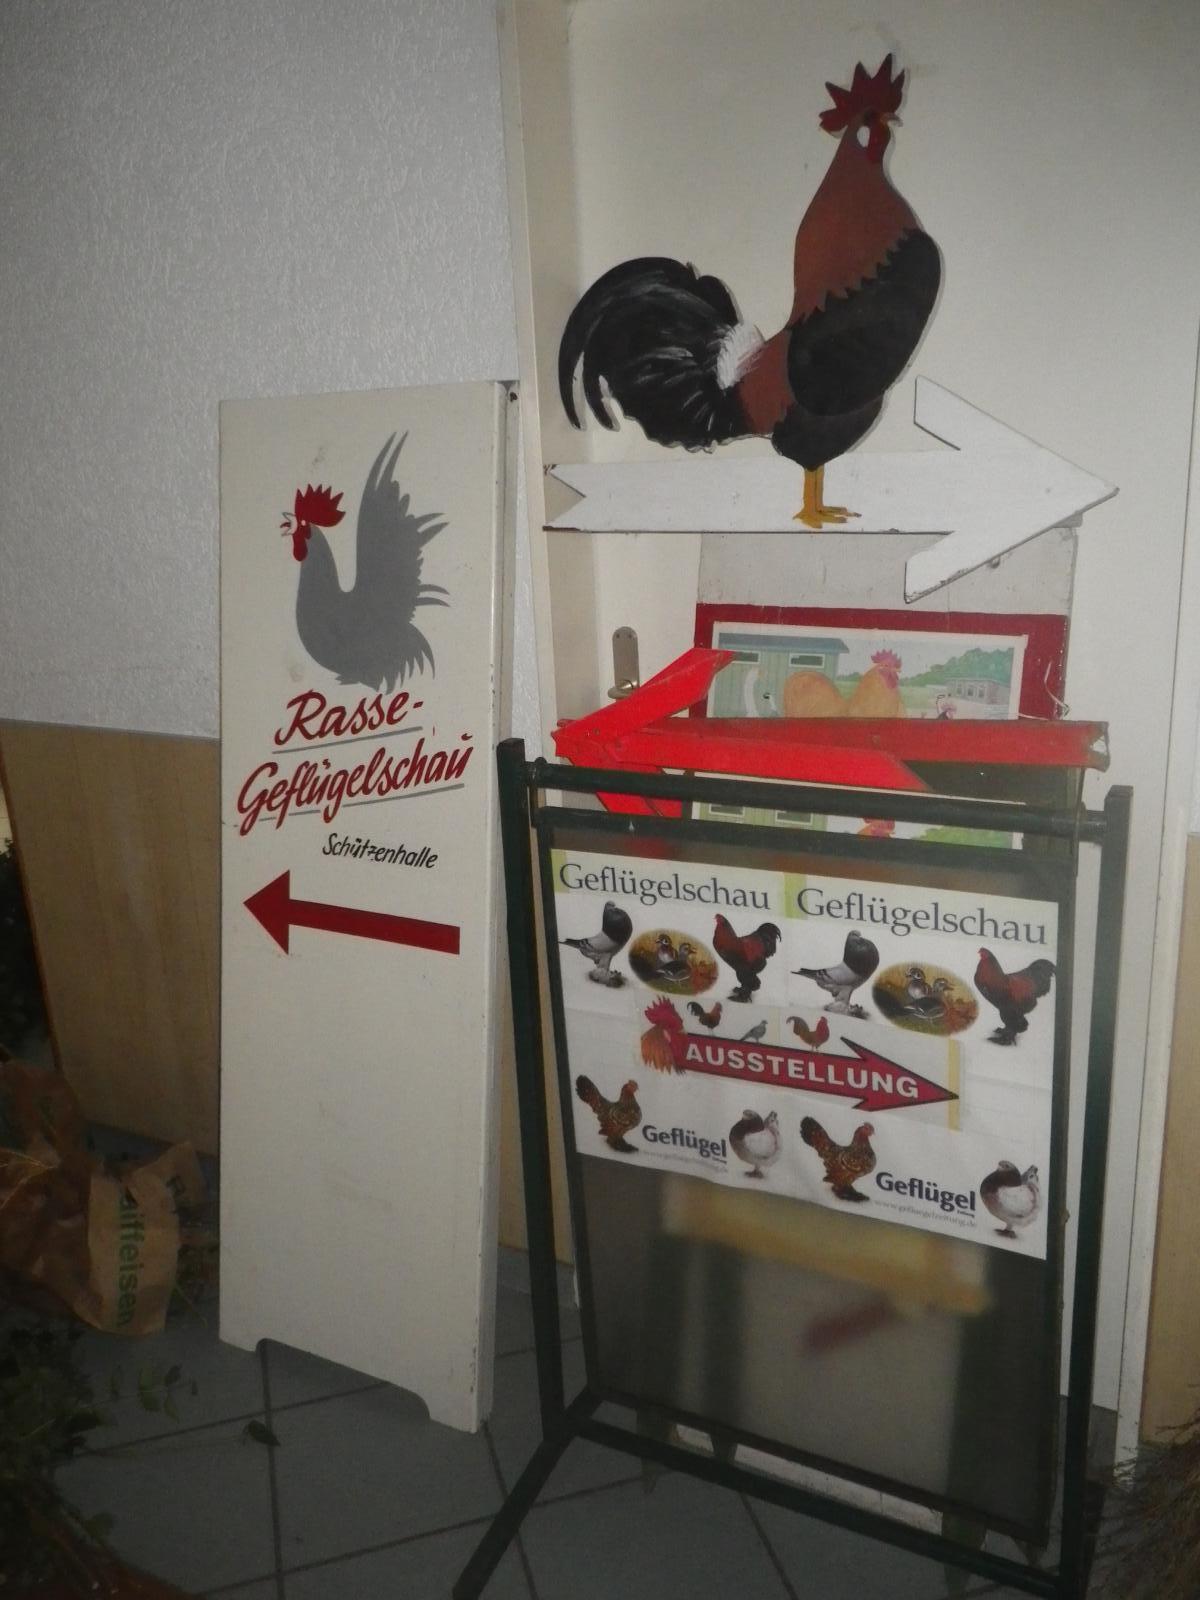 Damit die Geflügelschau auch für auswärtige Besucher besser zu finden ist, stehen einige Schilder bereit, die morgens aufgestellt werden müssen.